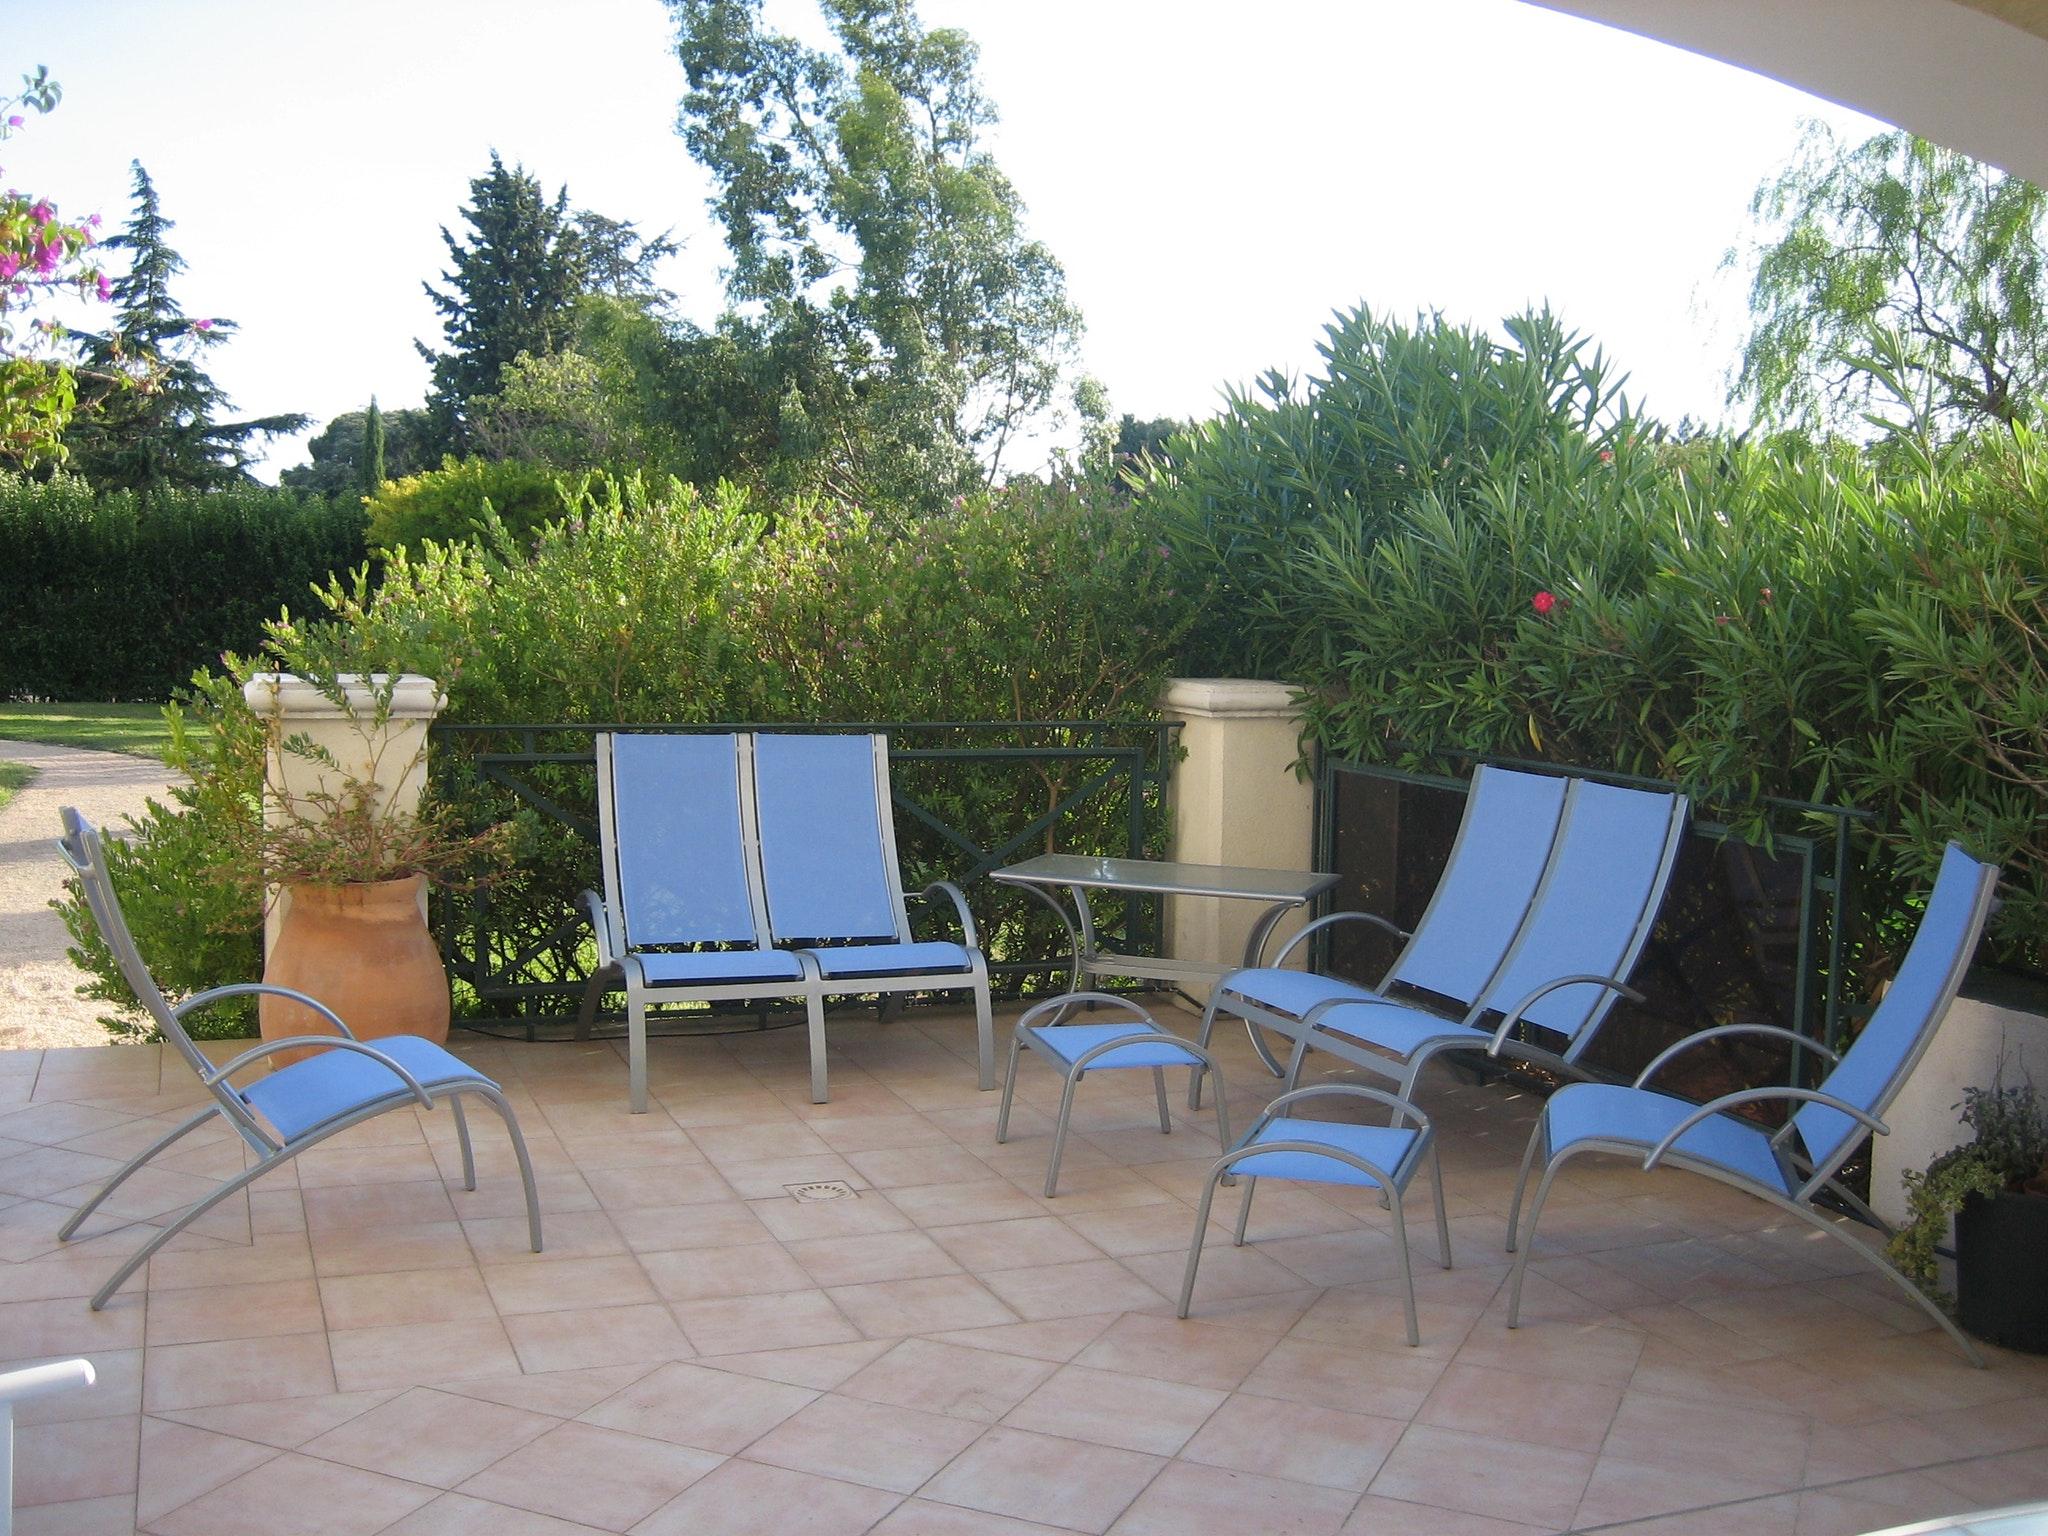 Appartement de vacances Wohnung mit einem Schlafzimmer in Carqueiranne mit Pool, eingezäuntem Garten und W-LAN - 7 (2231381), Carqueiranne, Côte d'Azur, Provence - Alpes - Côte d'Azur, France, image 5